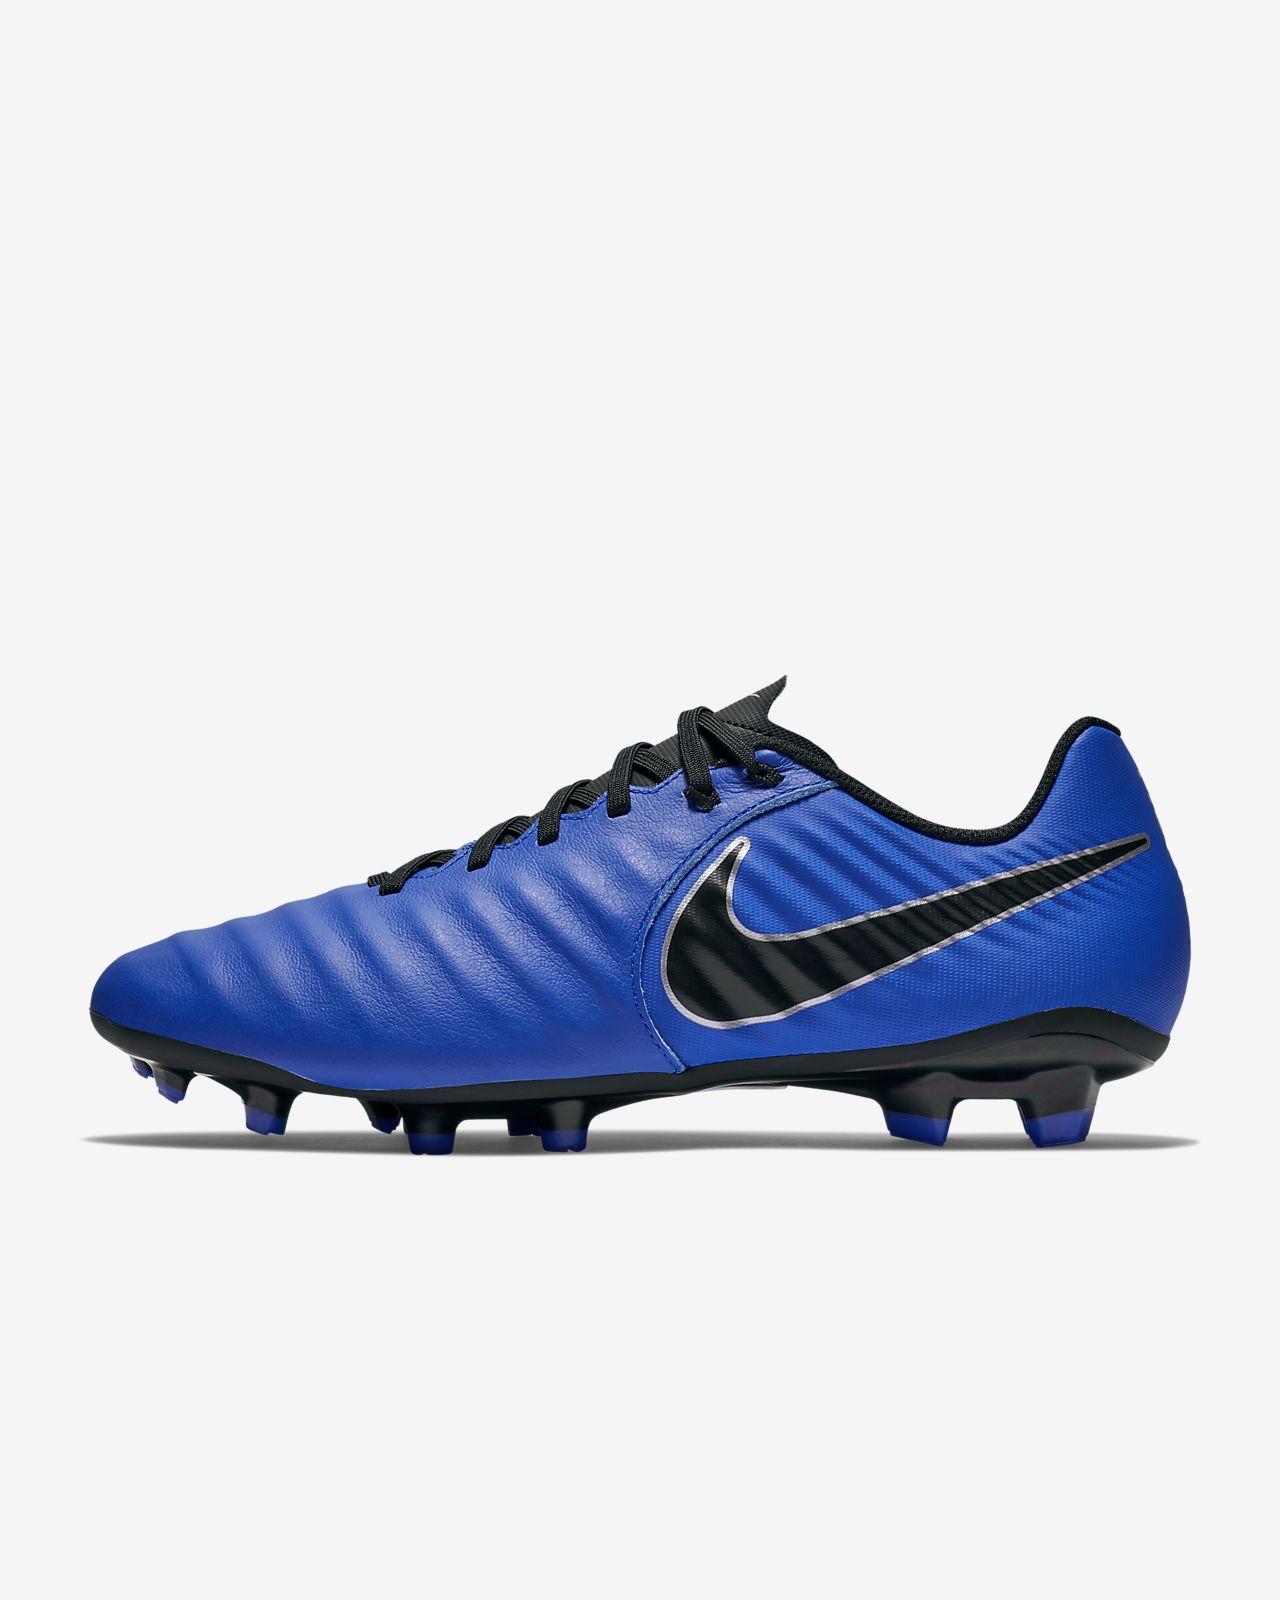 Nike Tiempo Legend VII Academy Botas de fútbol para terreno firme ... a1122c0b3cec3